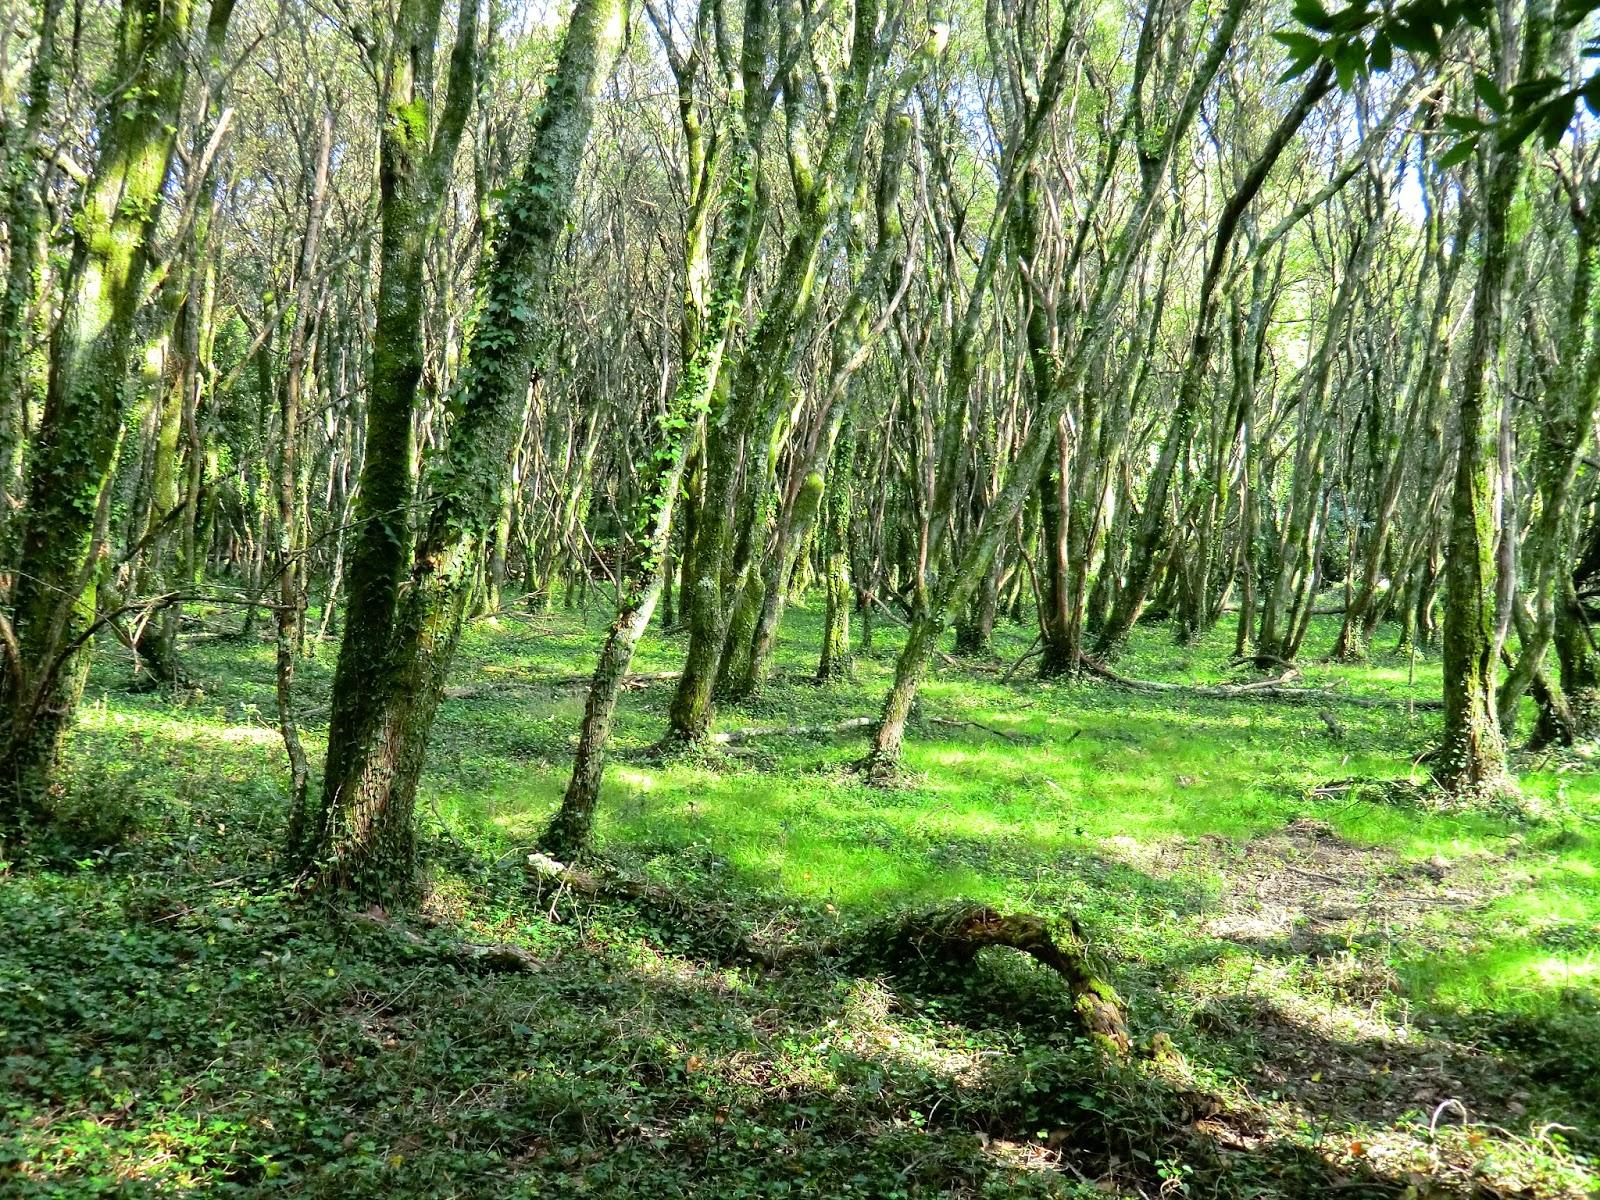 Pazo de la saleta la magia de los bosques visita dos for Carson bosque y jardin